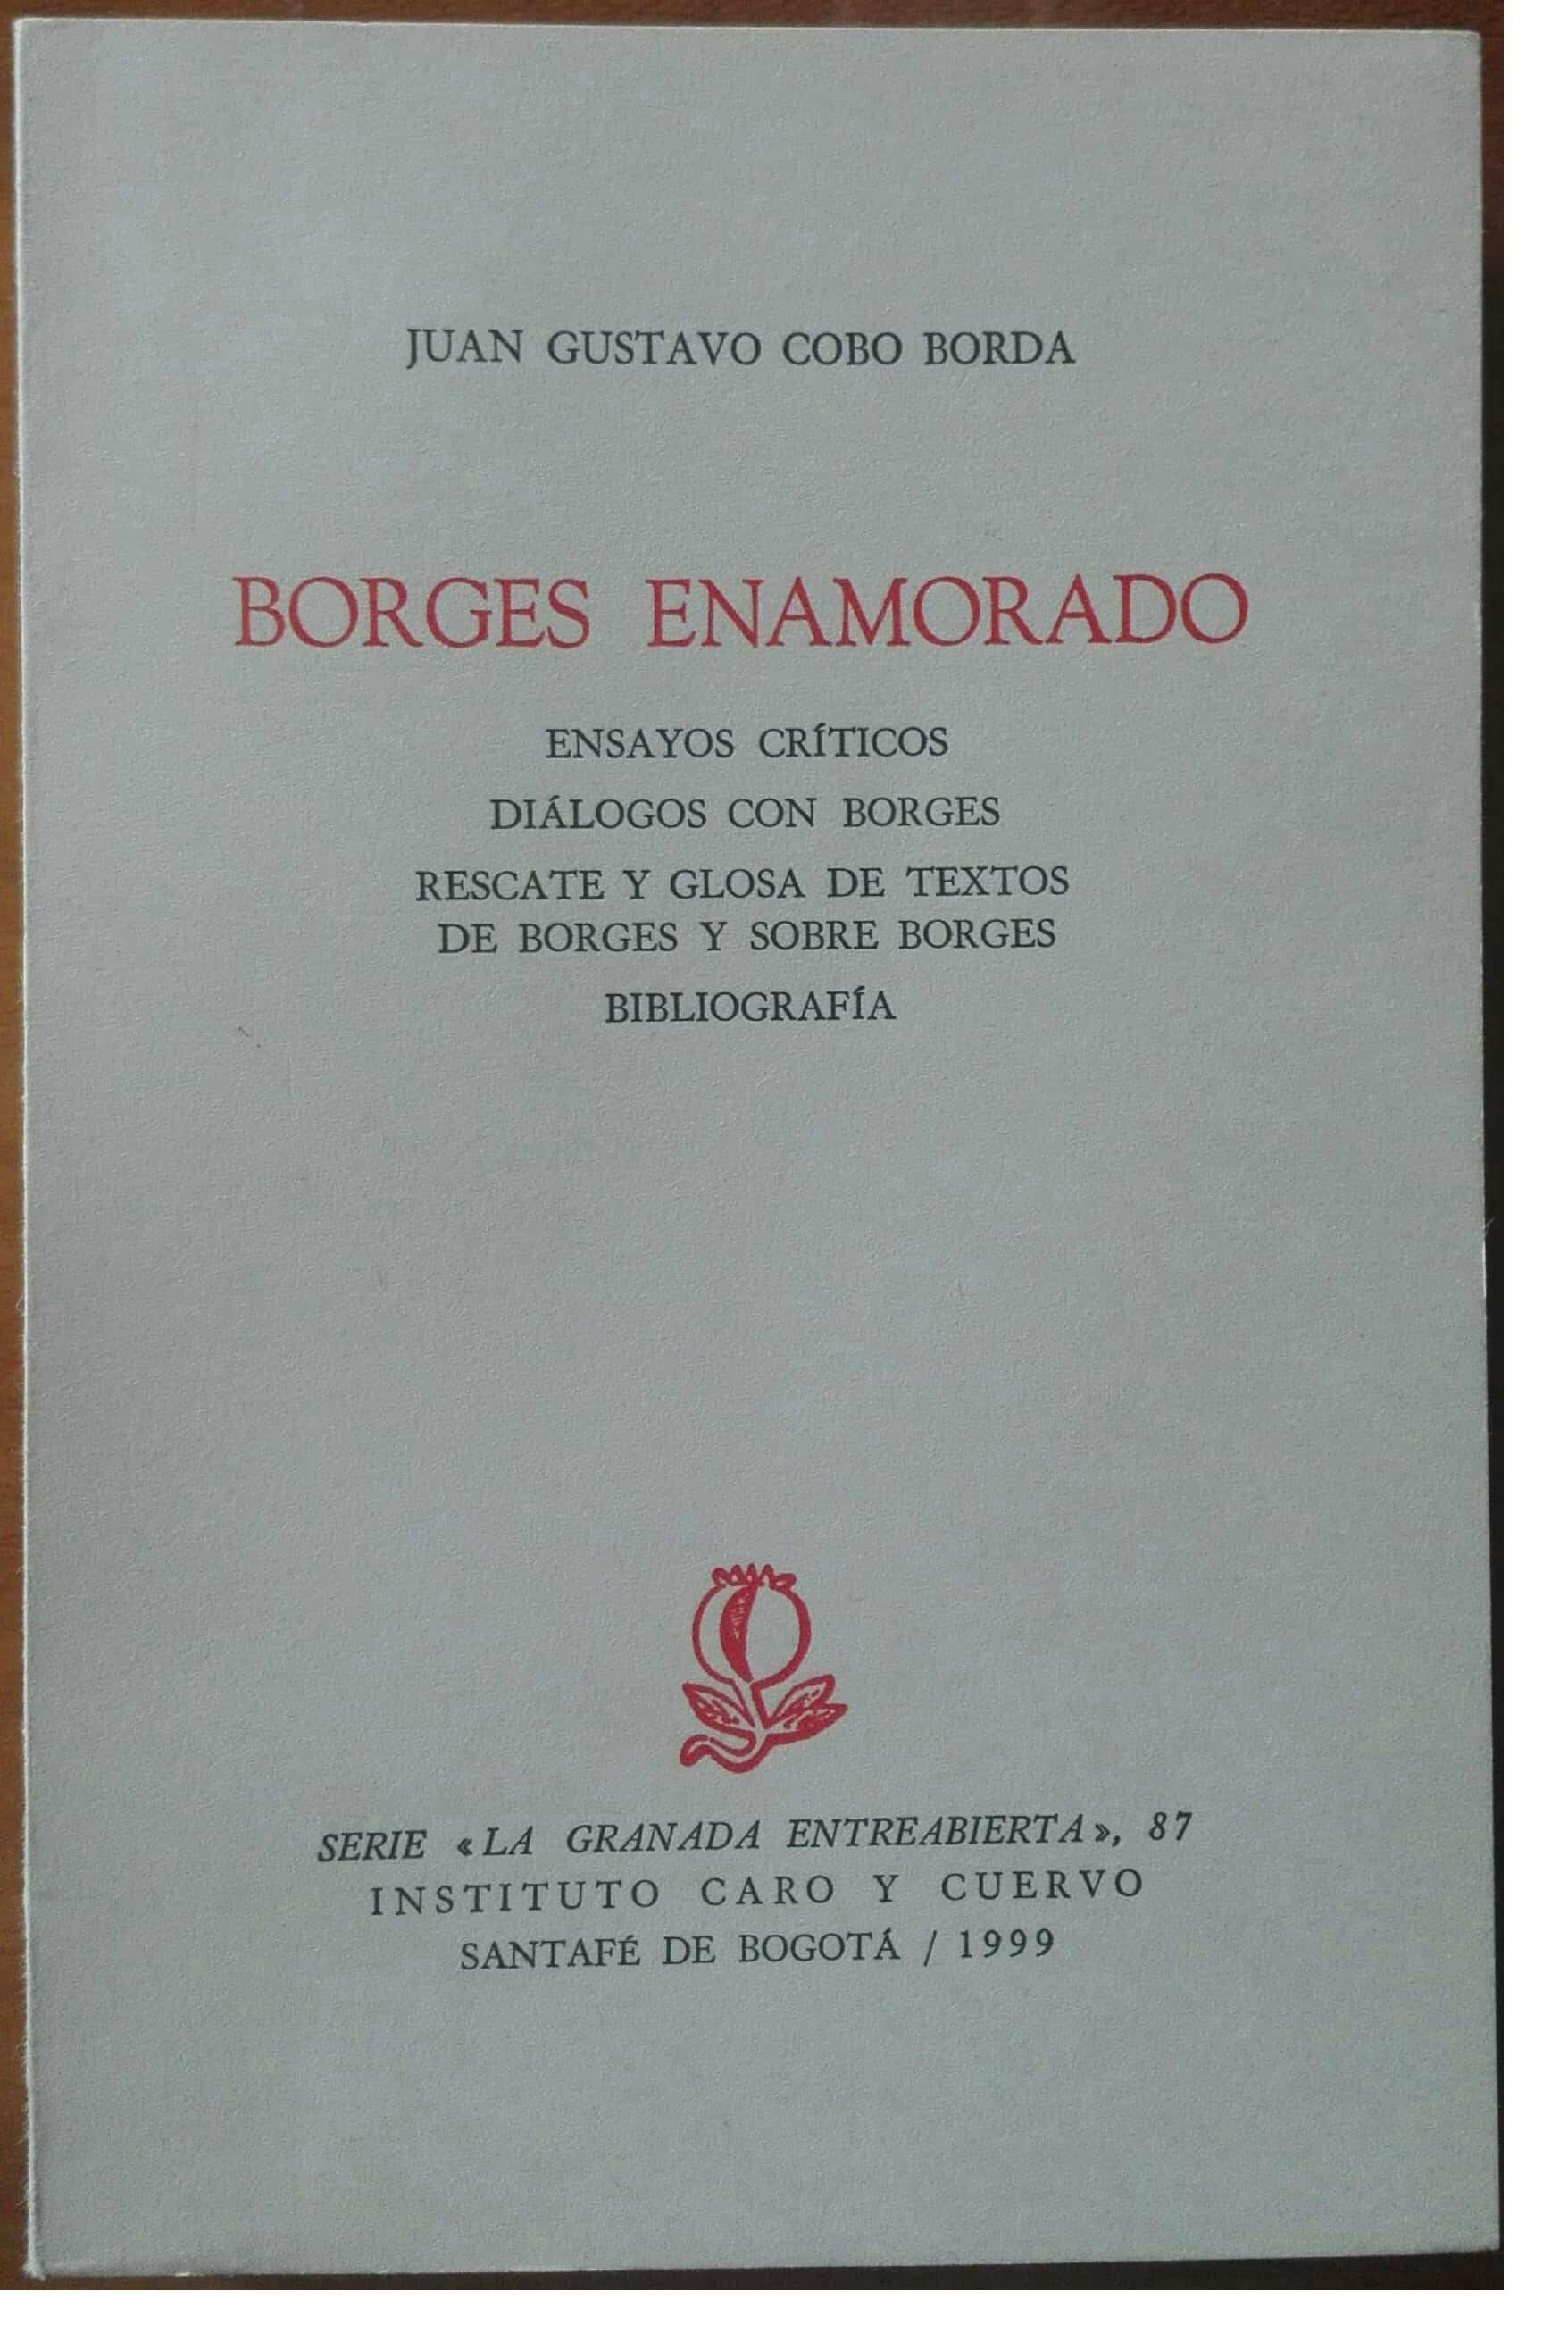 Borges enamorado. Ensayos críticos. Diálogos con Borges. Rescate y glosa de textos de Borges y sobre Borges